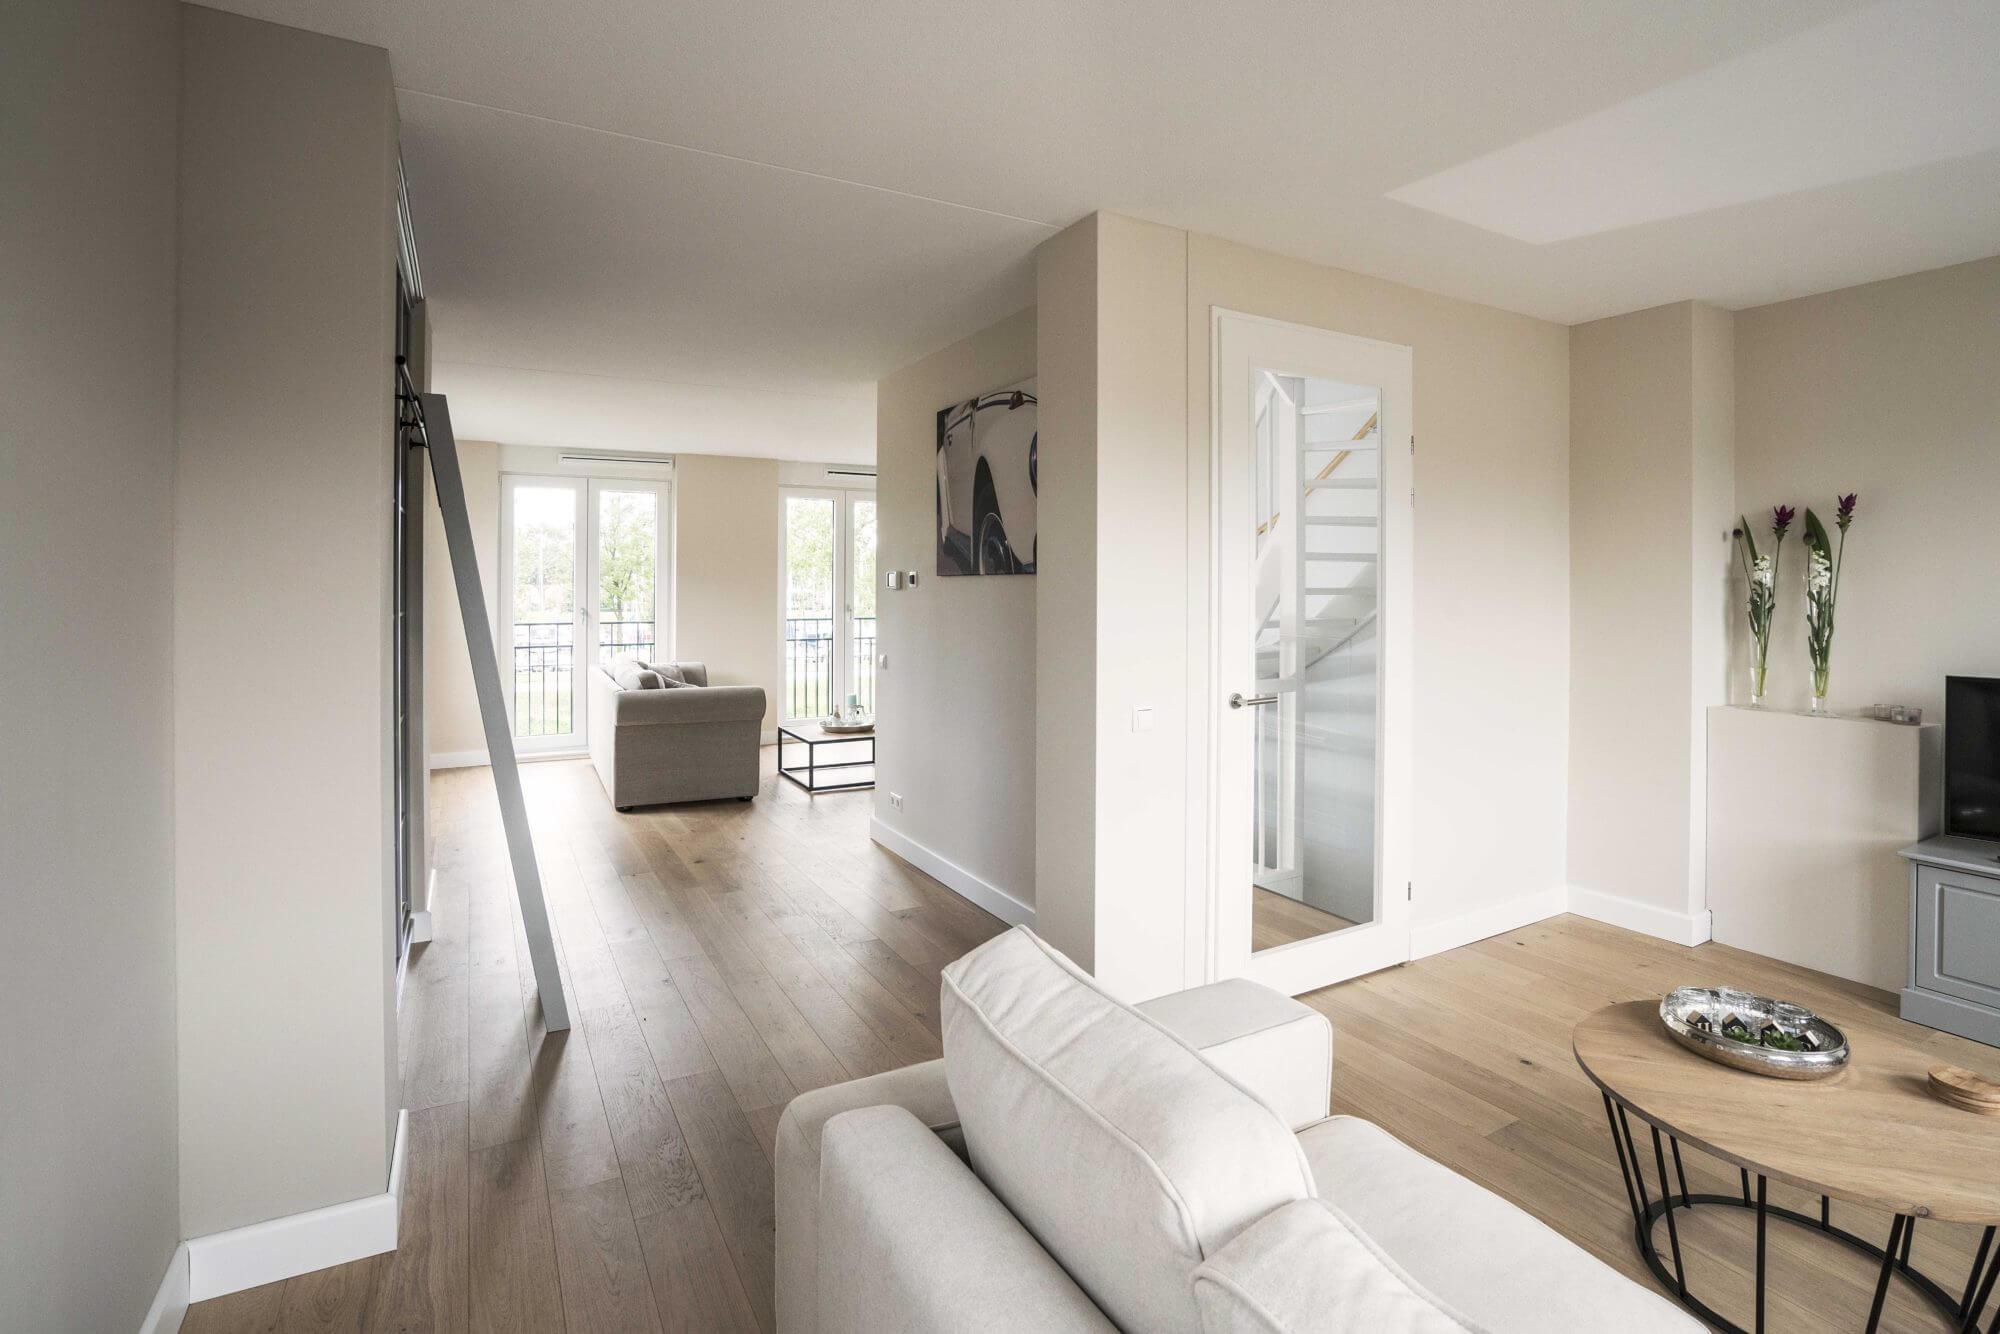 Compleet afgewerkte woning met MijnHuis